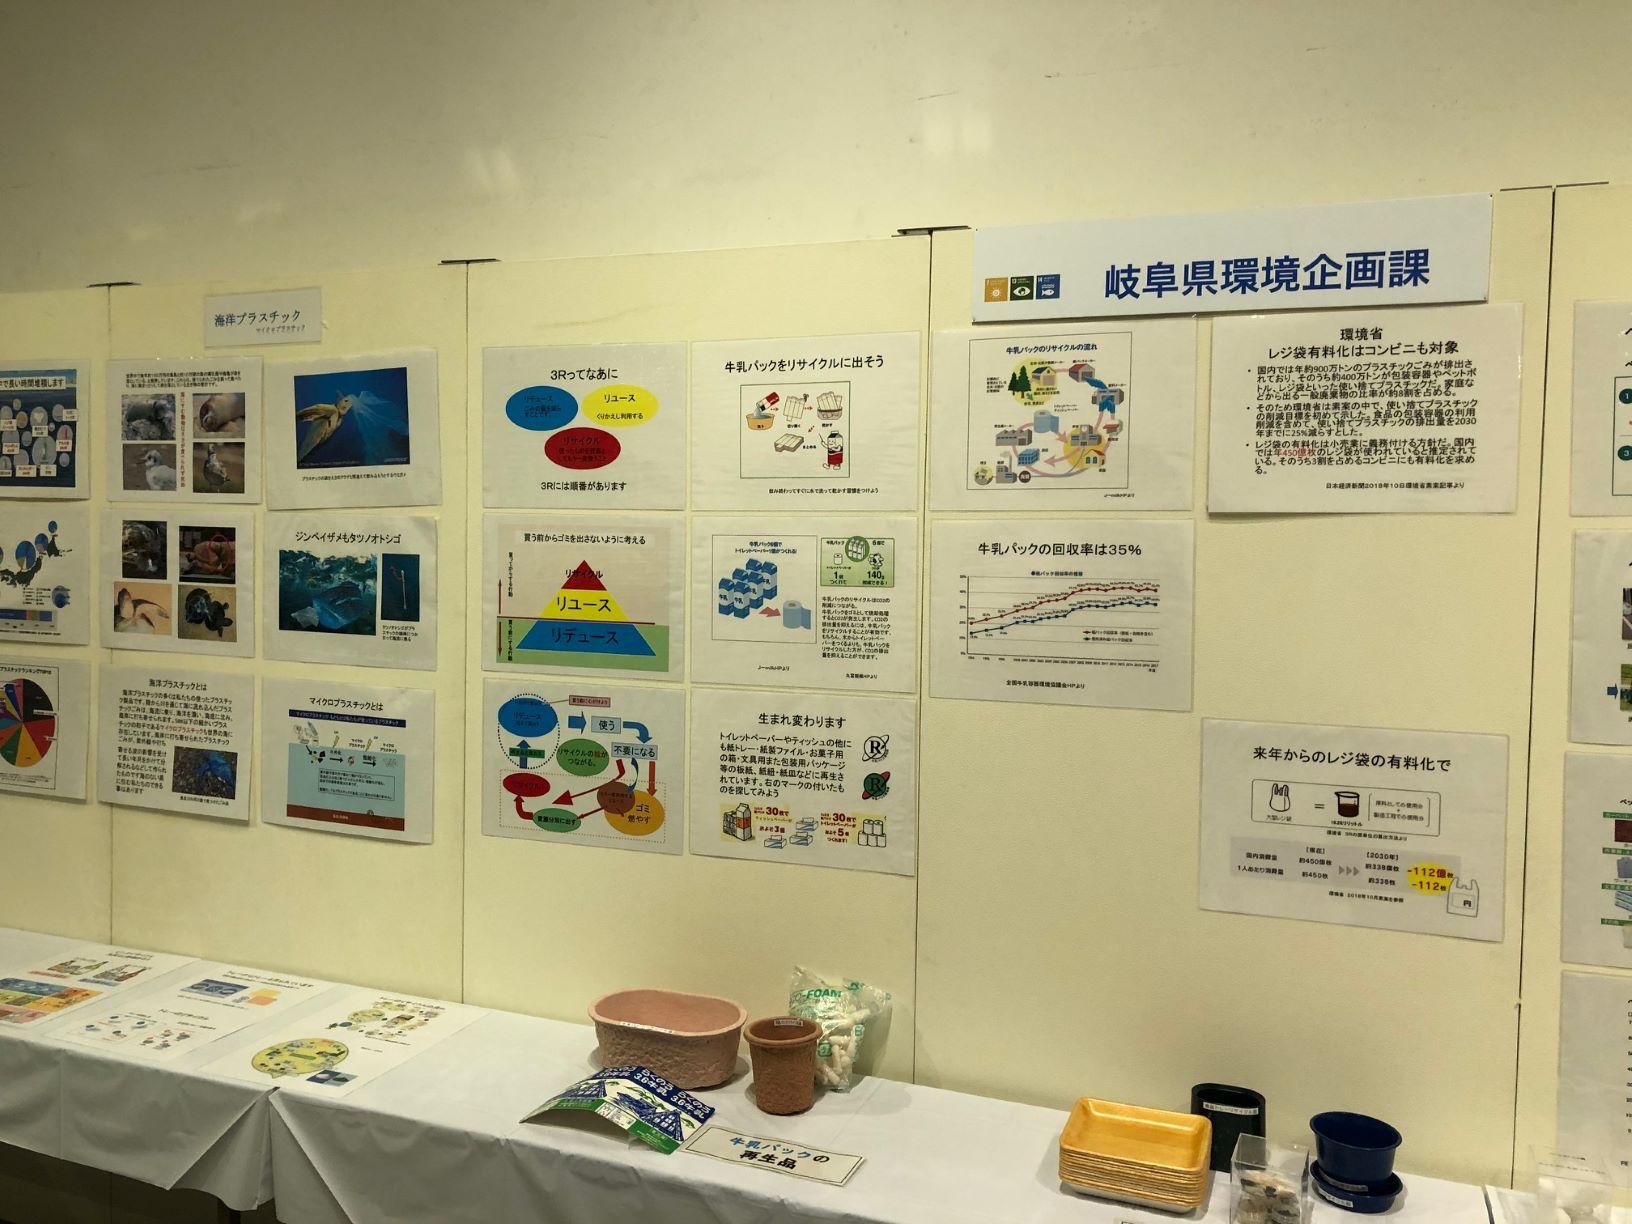 様々な環境に配慮した活動展示